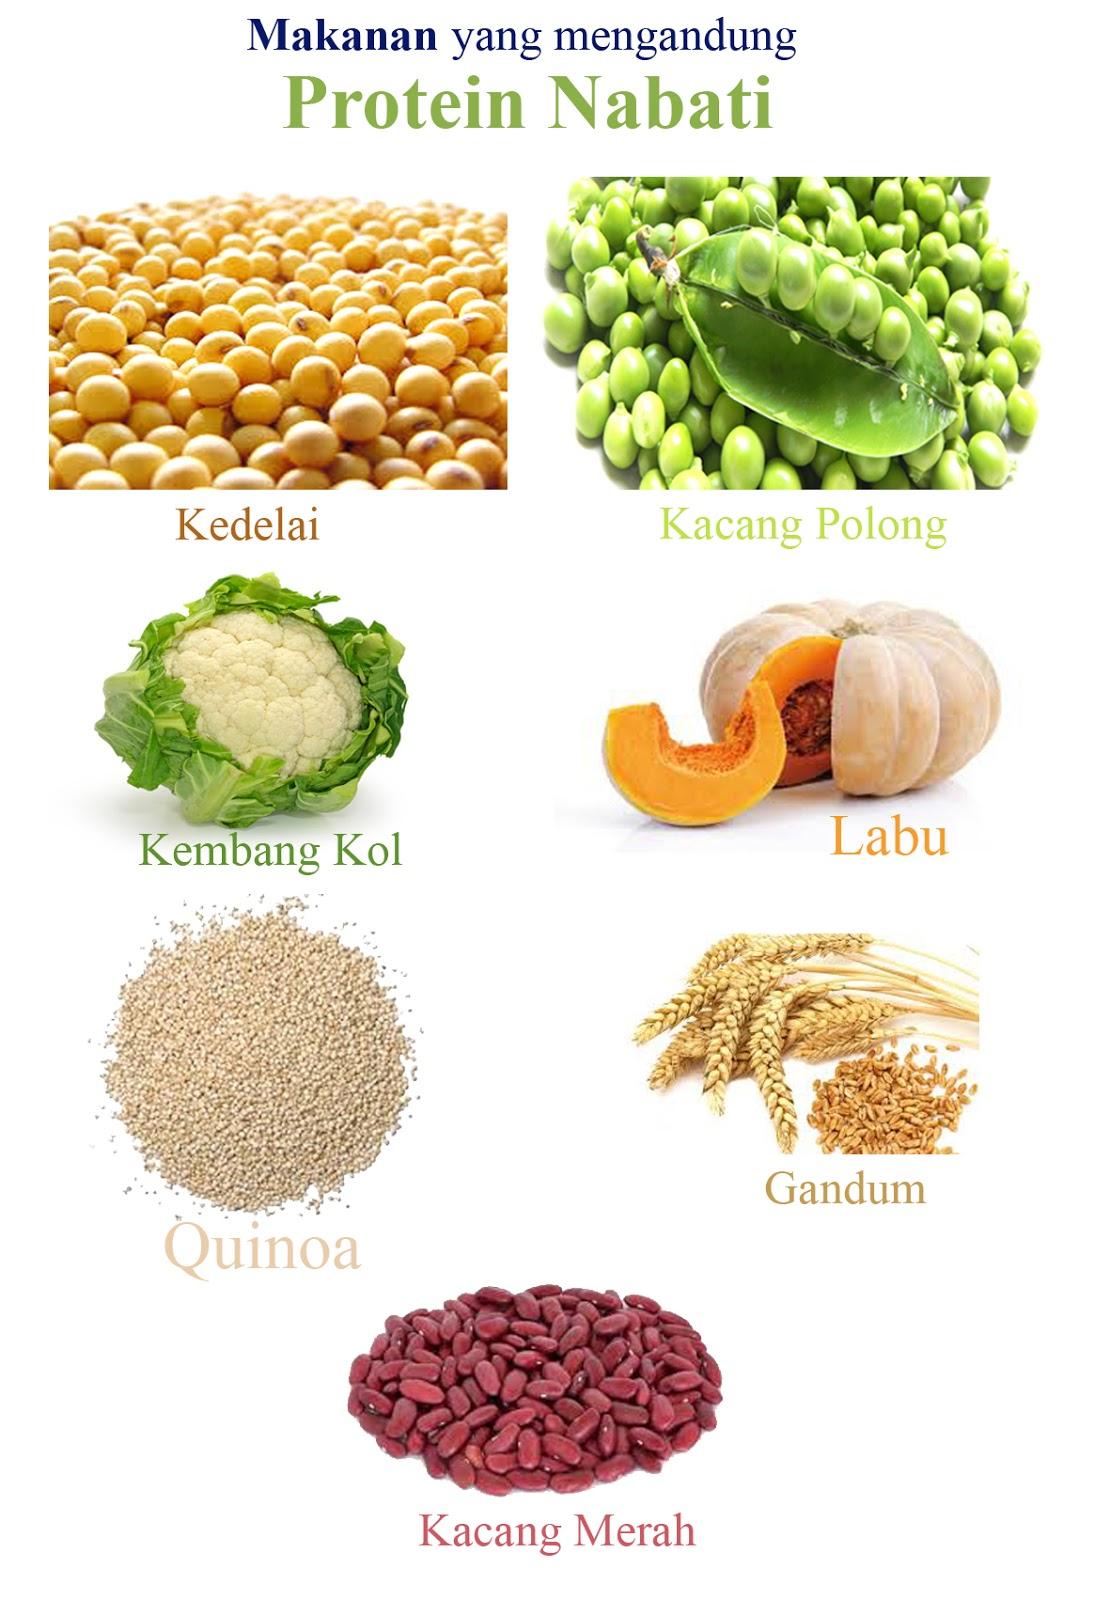 Makanan Yang Mengandung Protein Nabati : makanan, mengandung, protein, nabati, Makanan, Mengandung, Protein, Nabati, Tugas, Sekolah